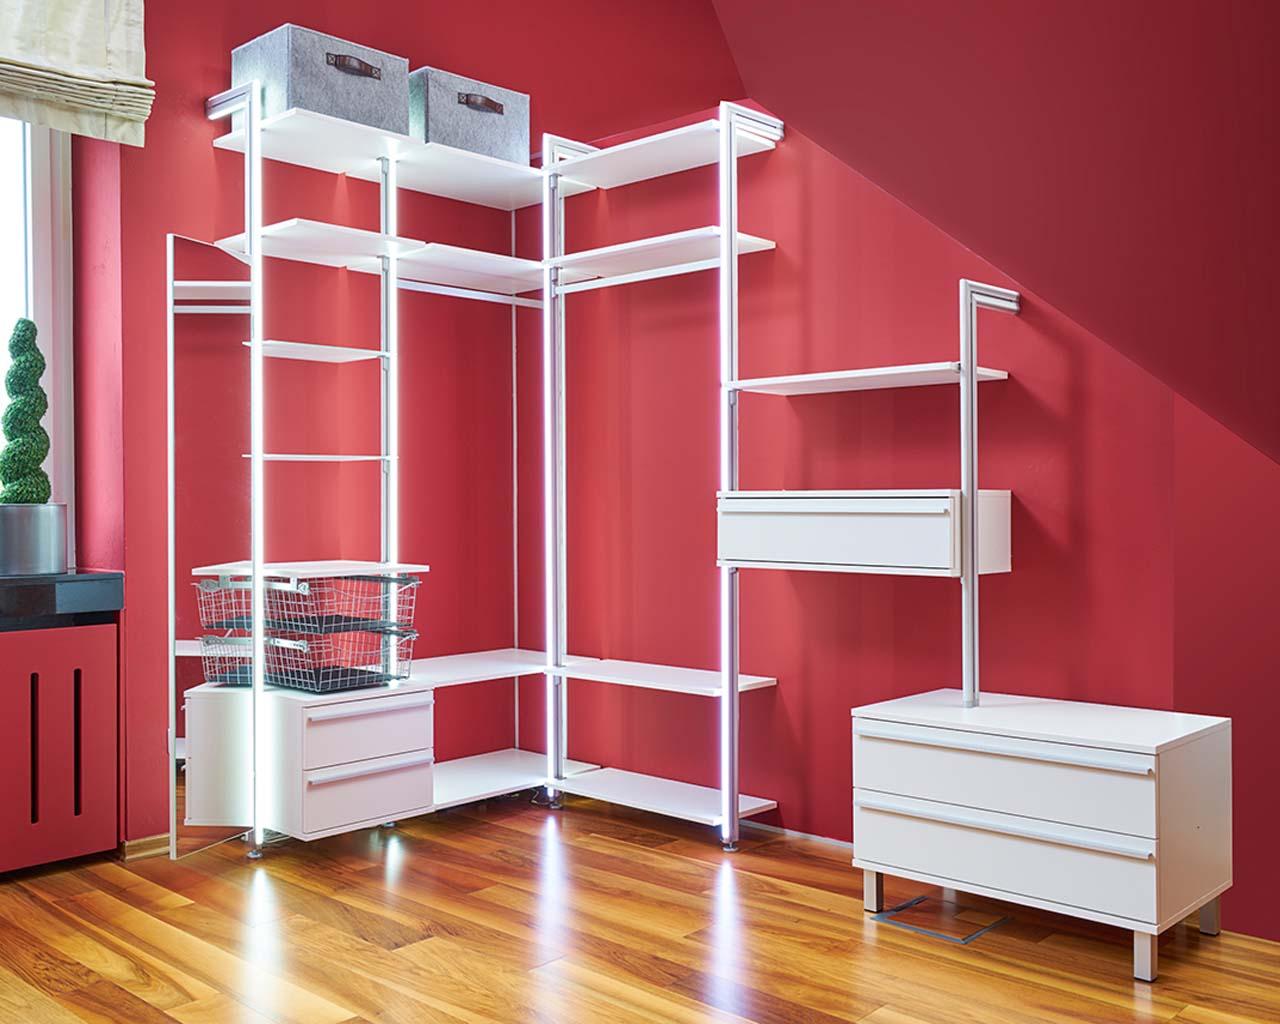 Eckvariante 3 f. begehbaren Kleiderschrank   frank schranksysteme Shop   flexible Lösungen für ...